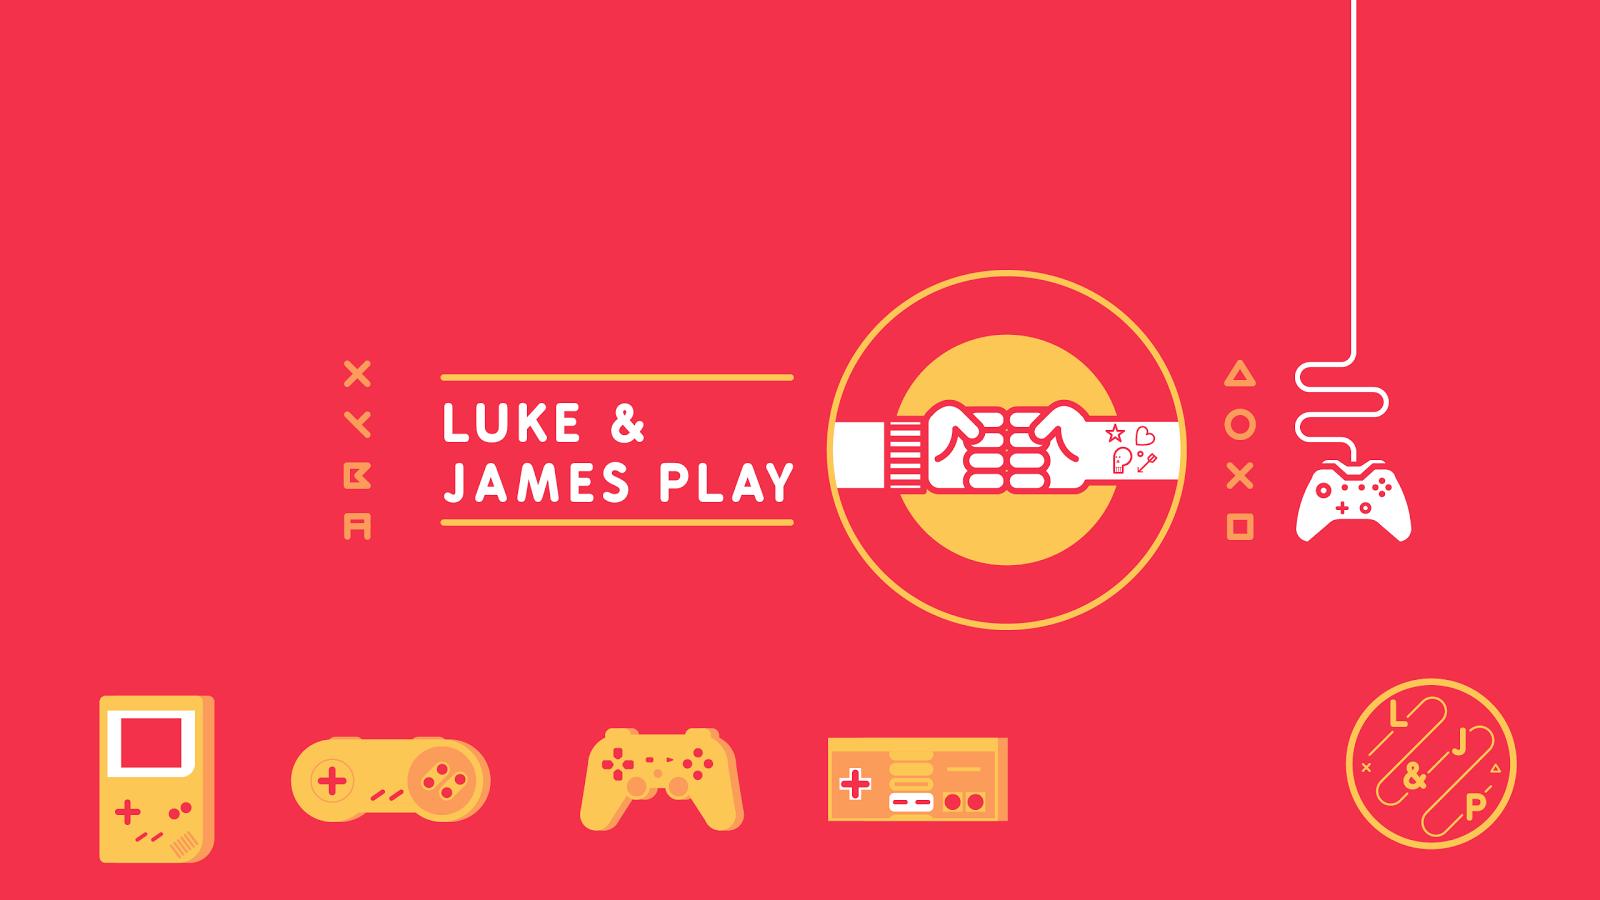 Luke and James Play